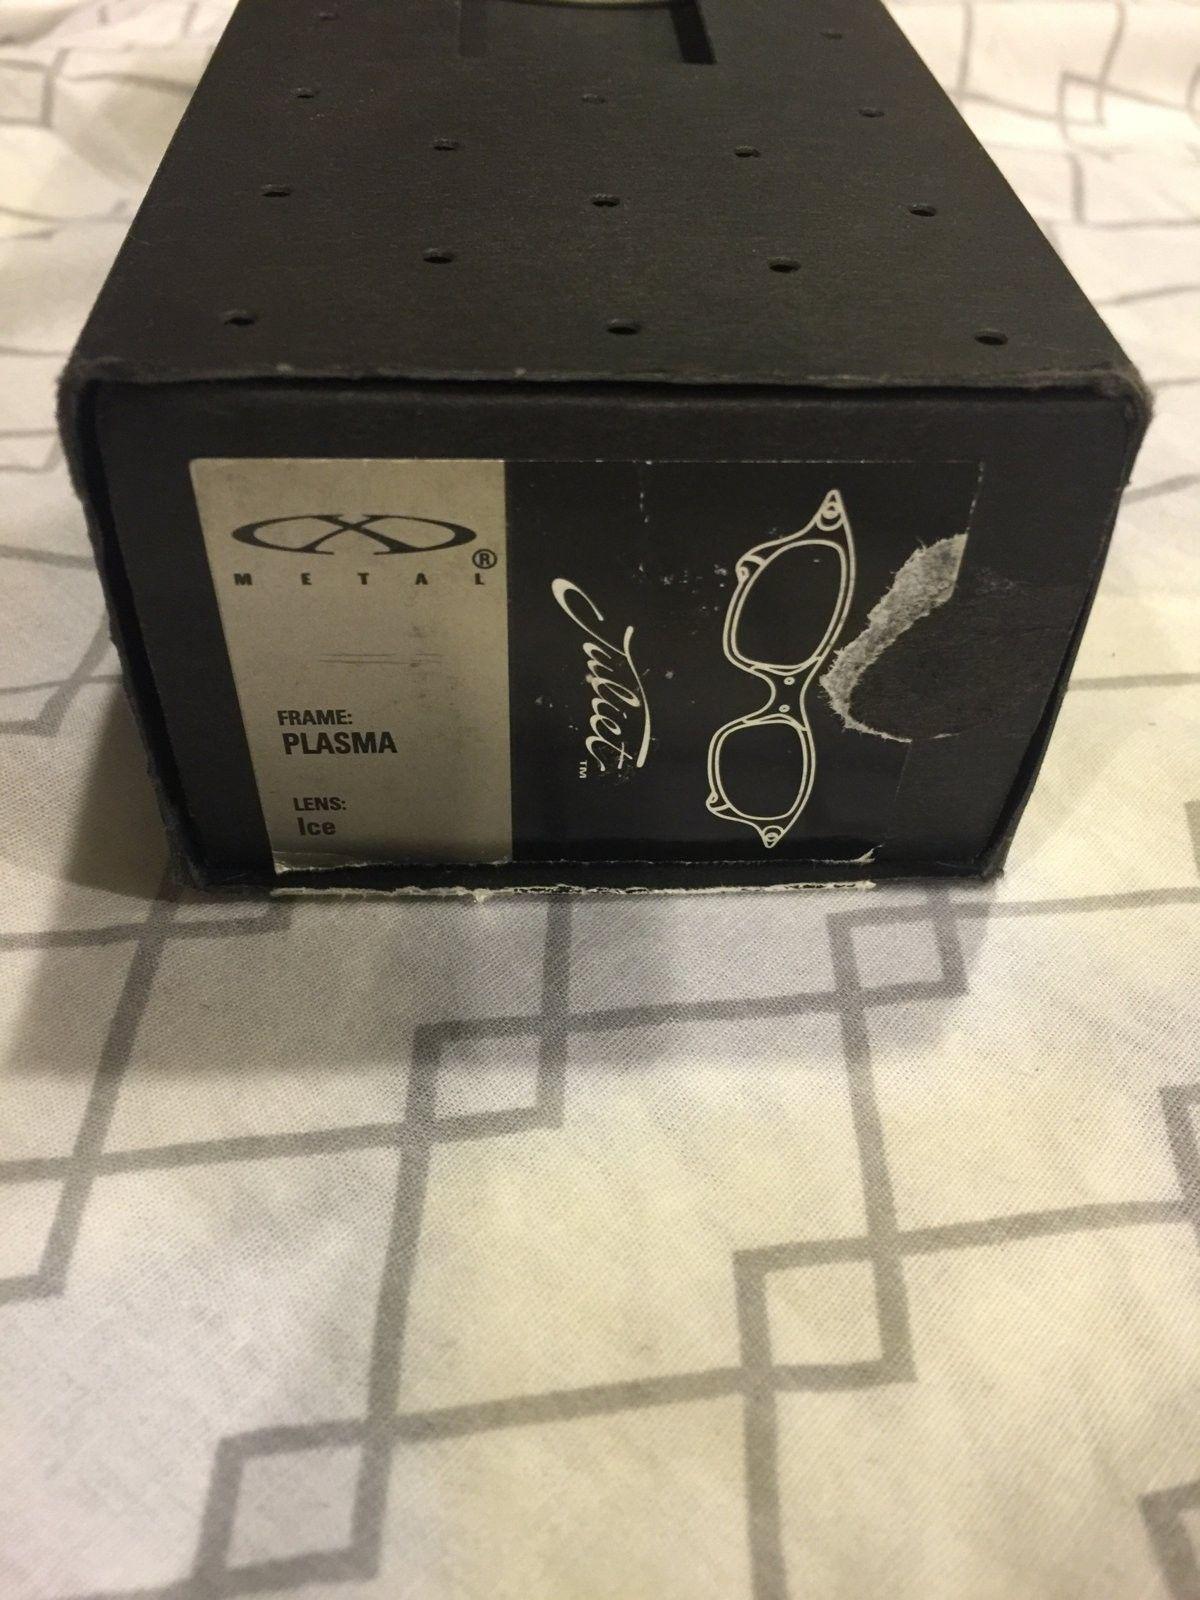 X Metal Plasma Juliet 200 shipped - image.jpg